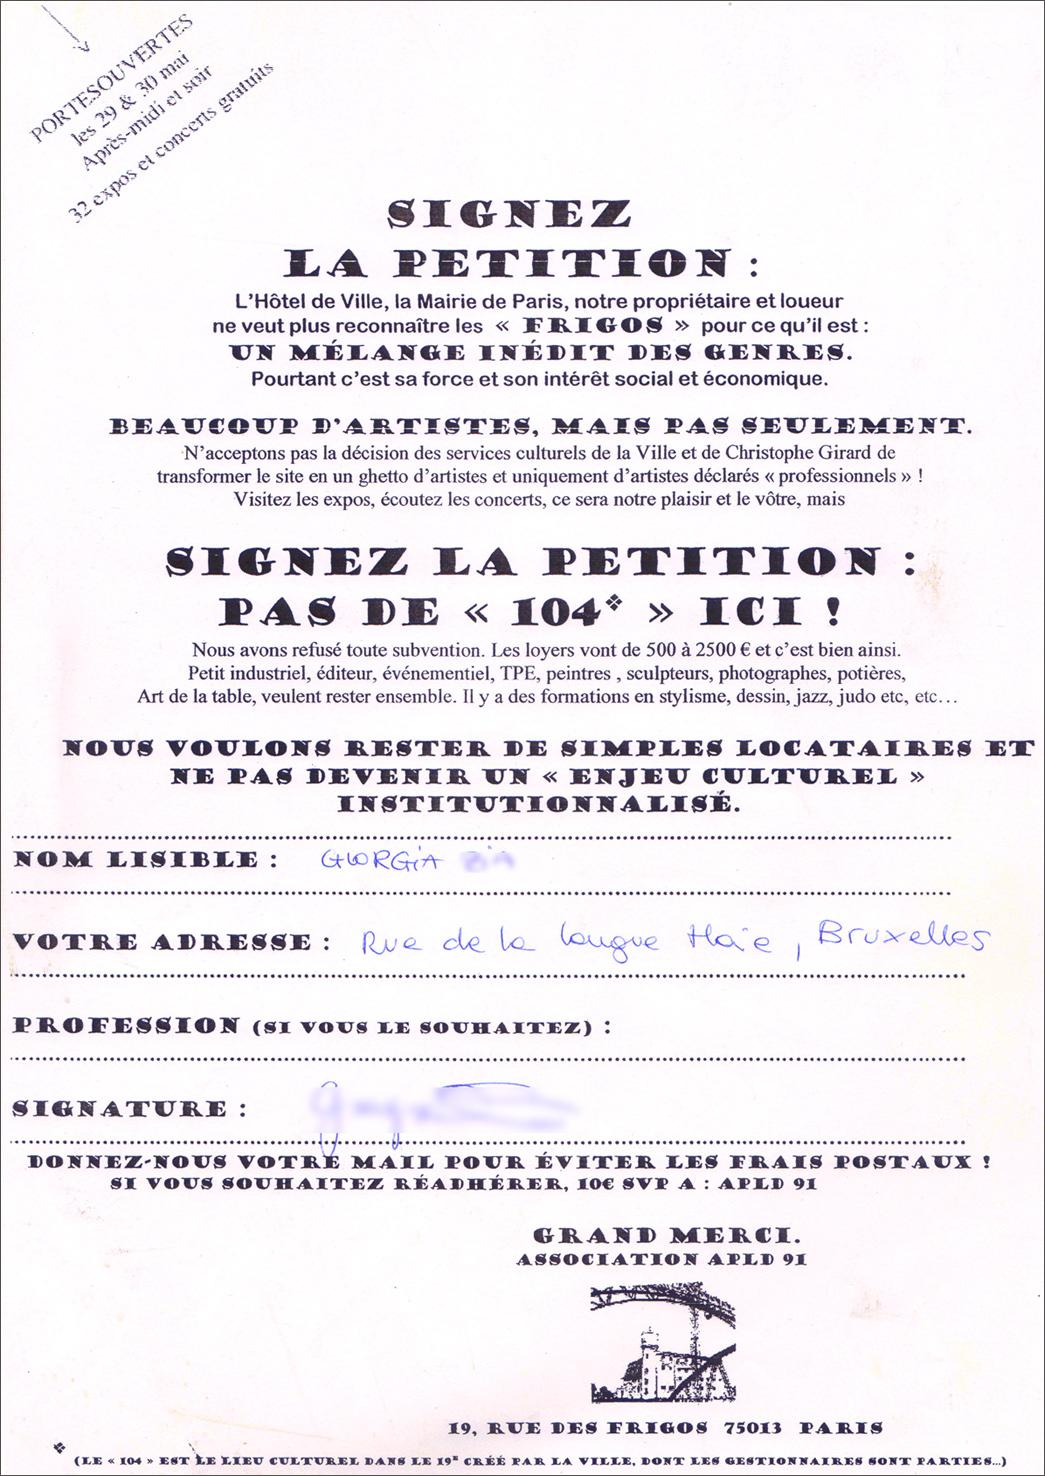 2011_signatures_pas_de_104_ici